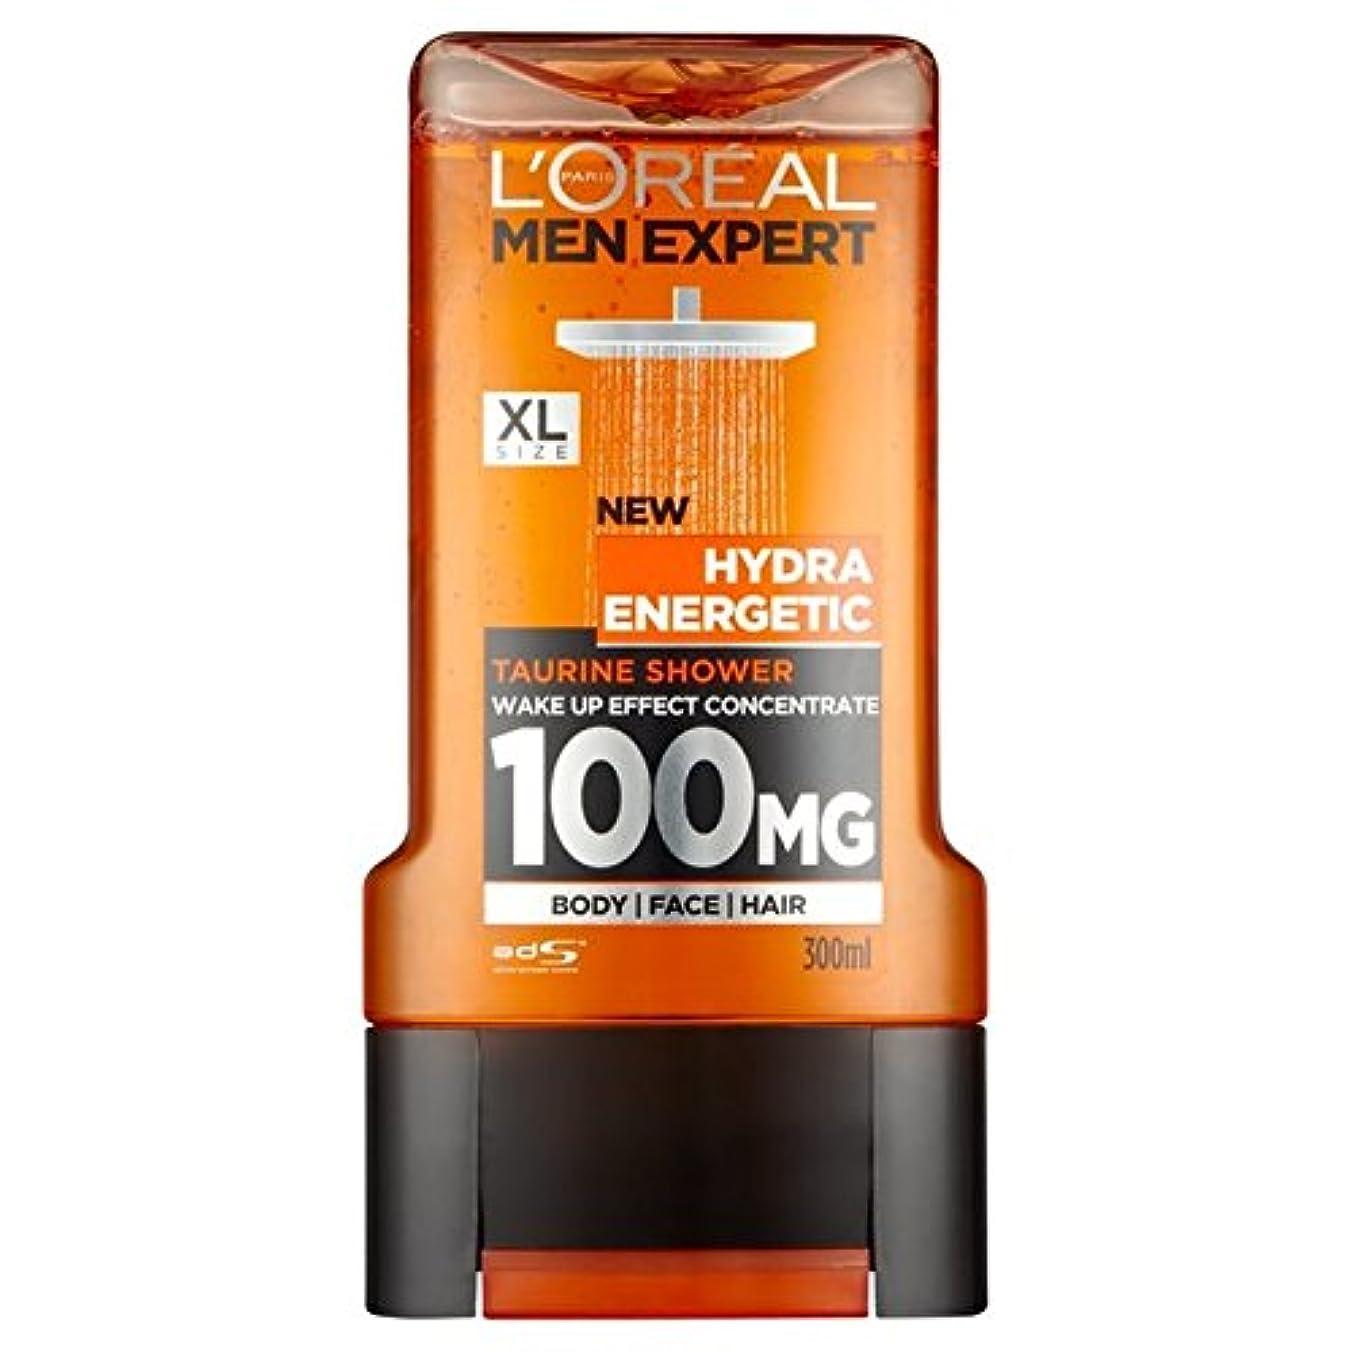 フィットネス登山家震えるロレアルパリのメンズ専門家ヒドラエネルギッシュなシャワージェル300ミリリットル x4 - L'Oreal Paris Men Expert Hydra Energetic Shower Gel 300ml (Pack...